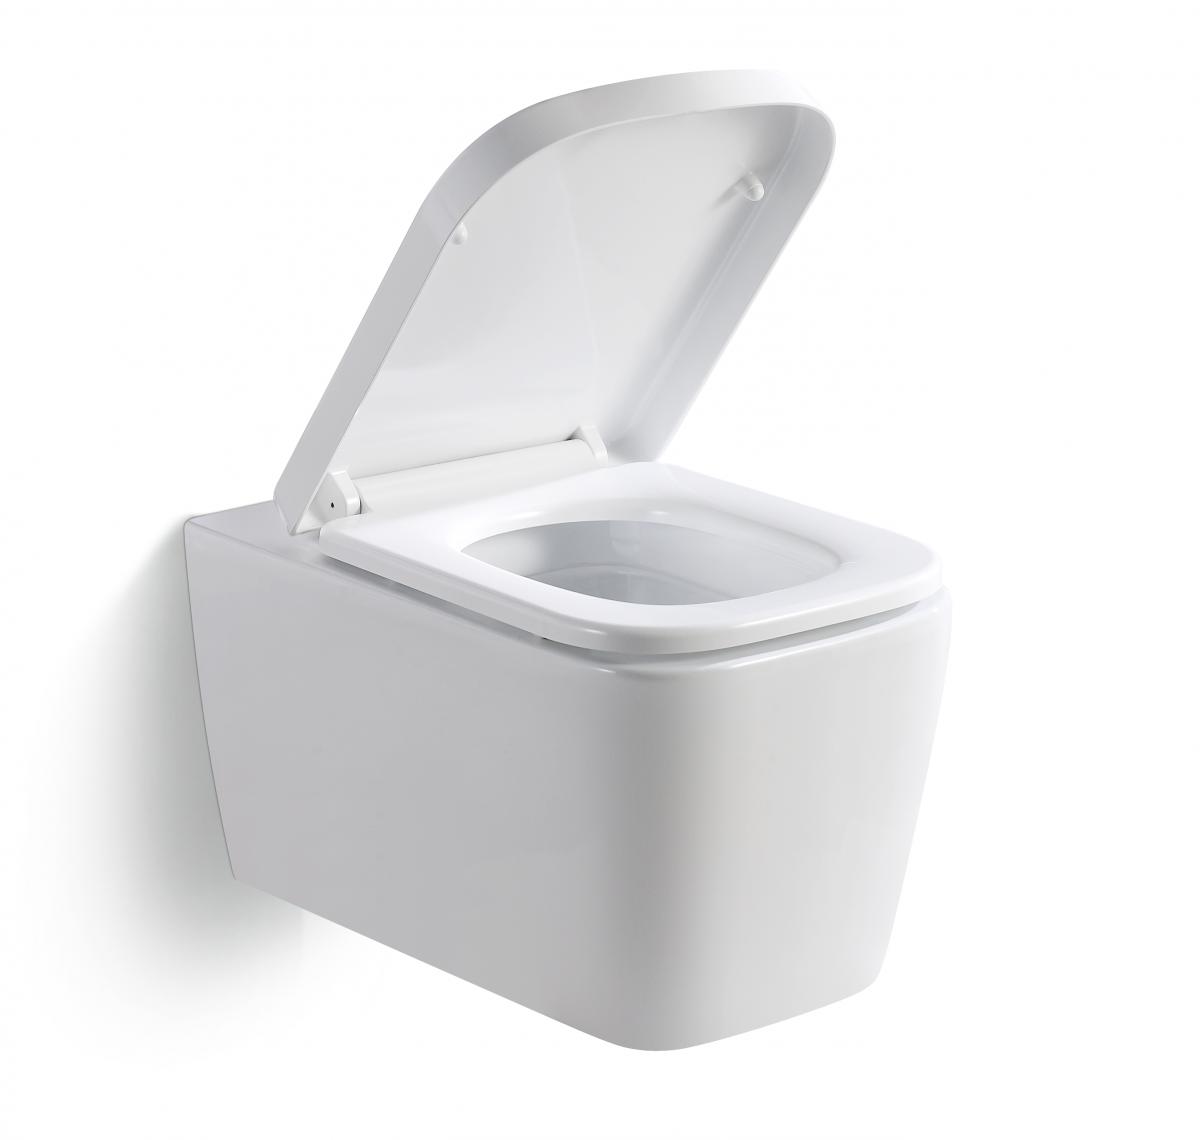 Maße und Anschlüsse der Toilette